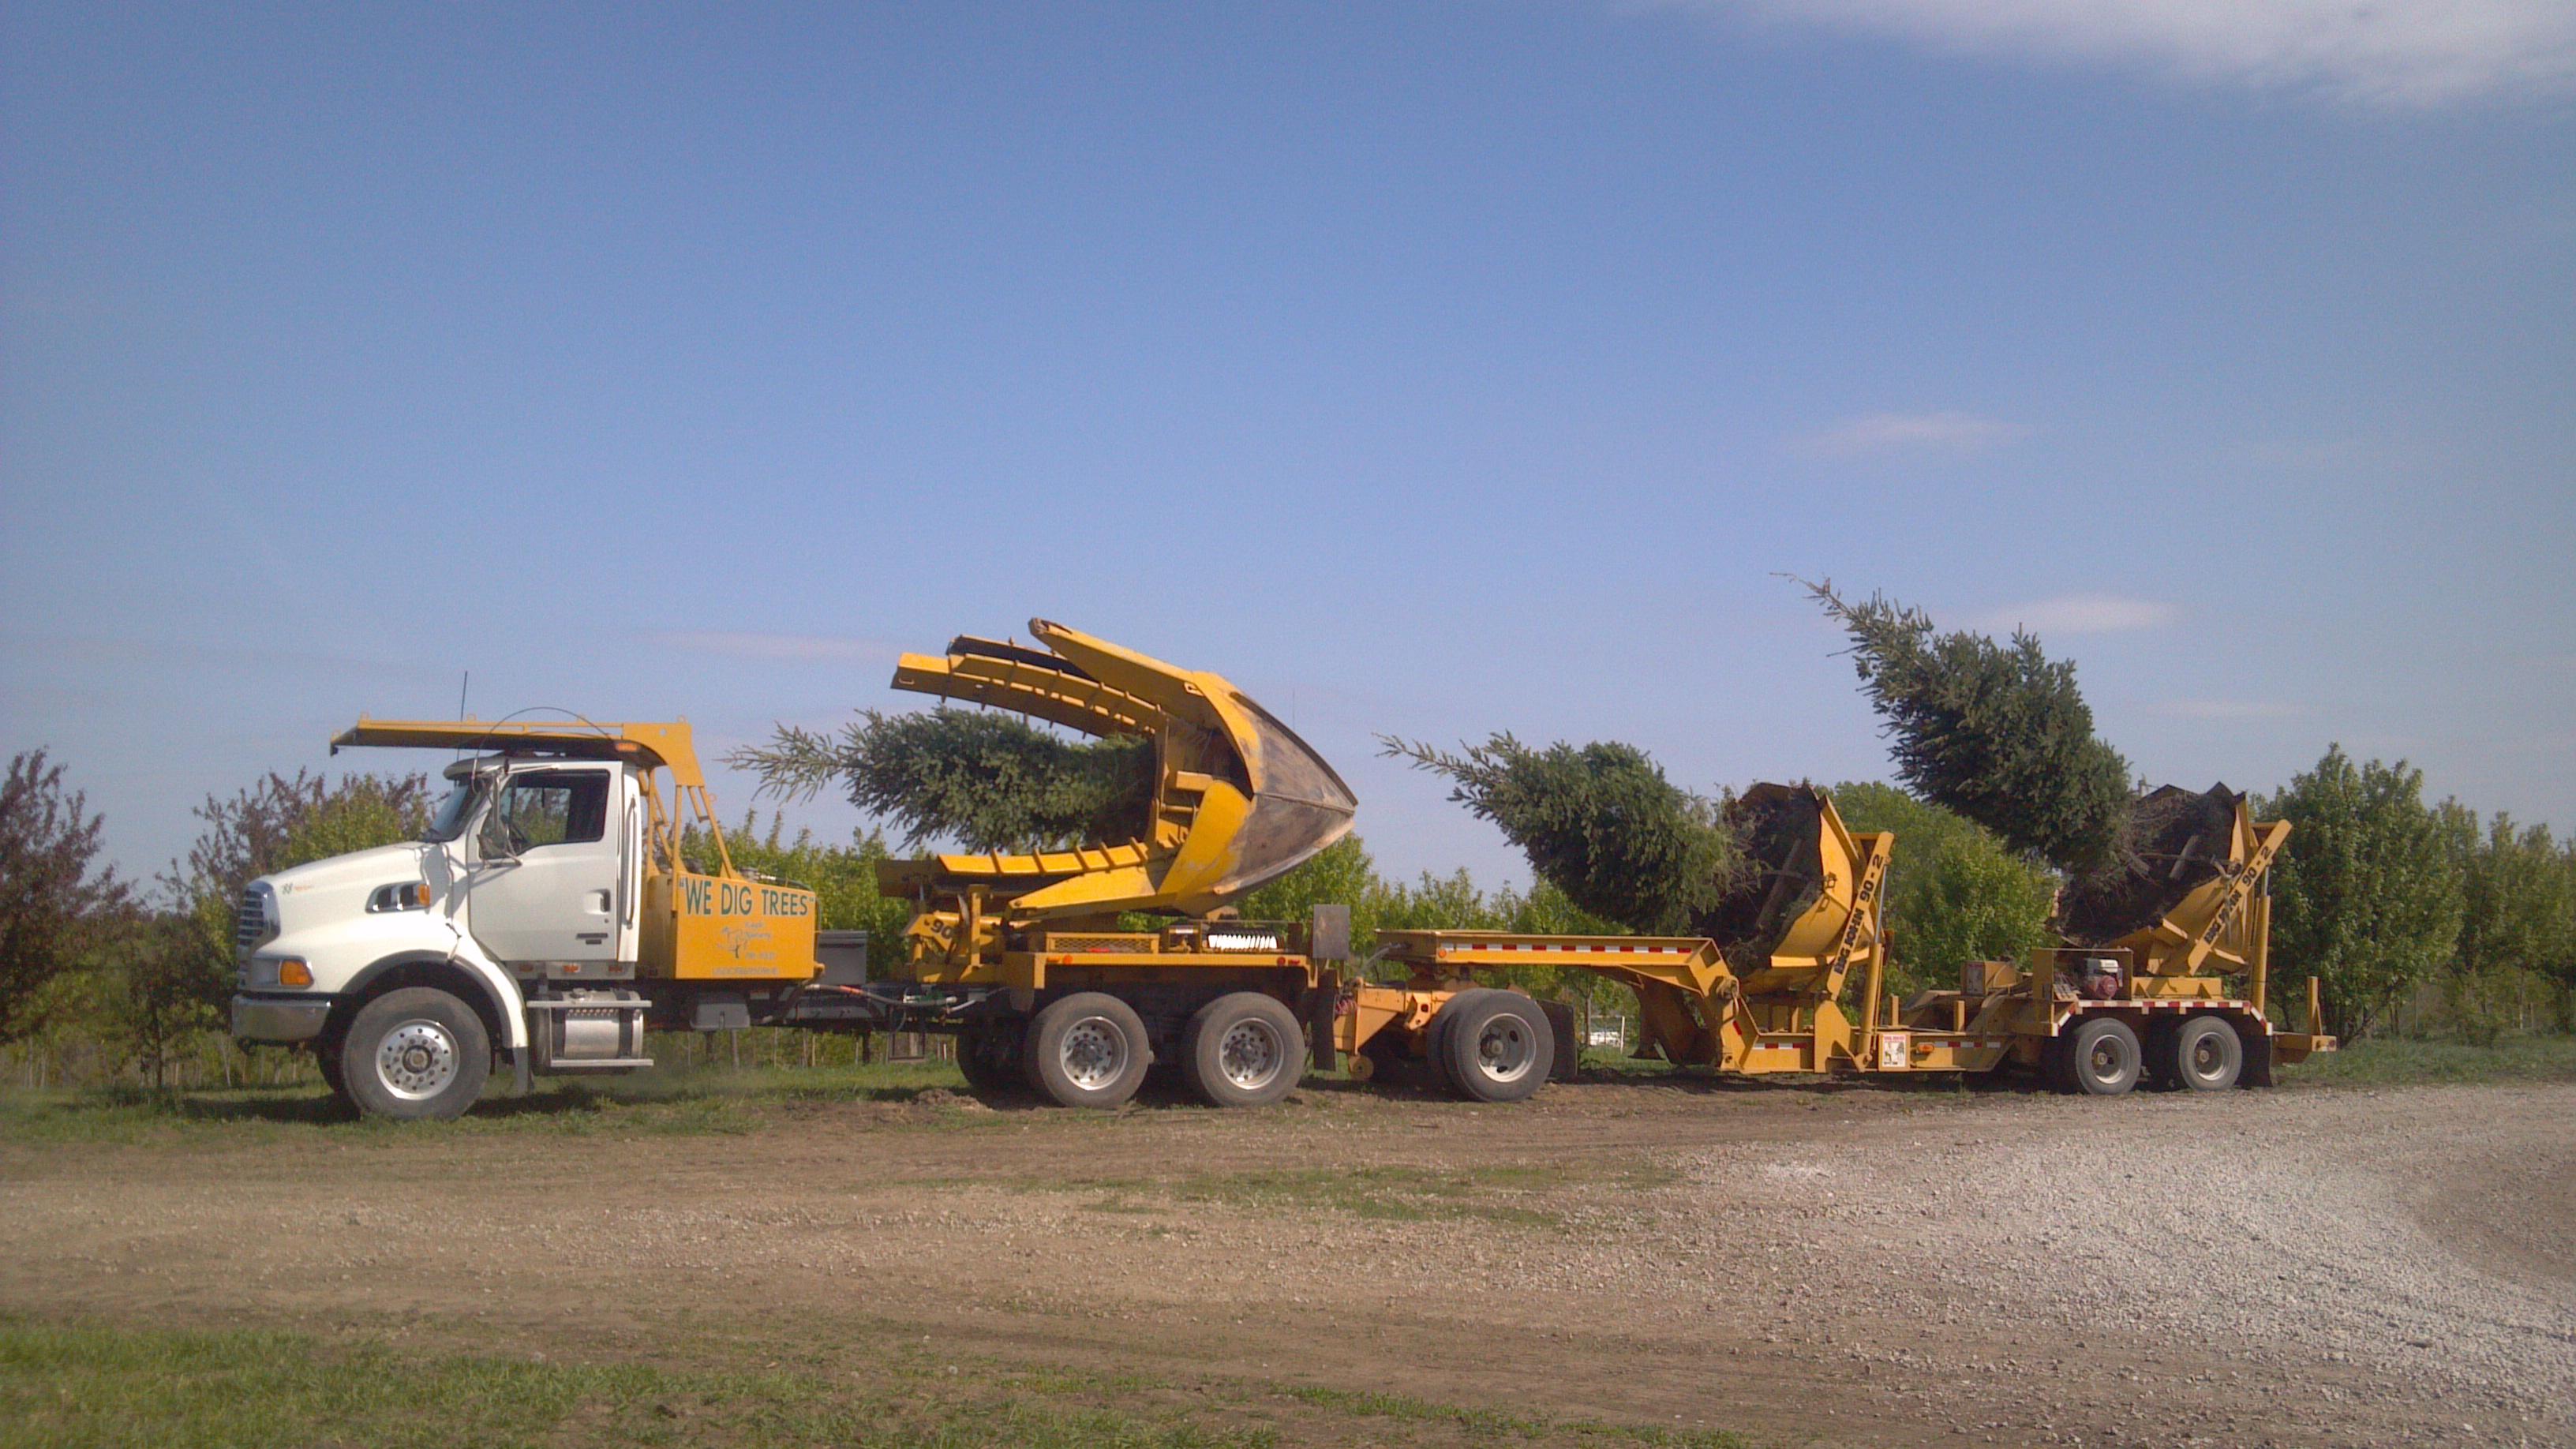 We Dig Trees!